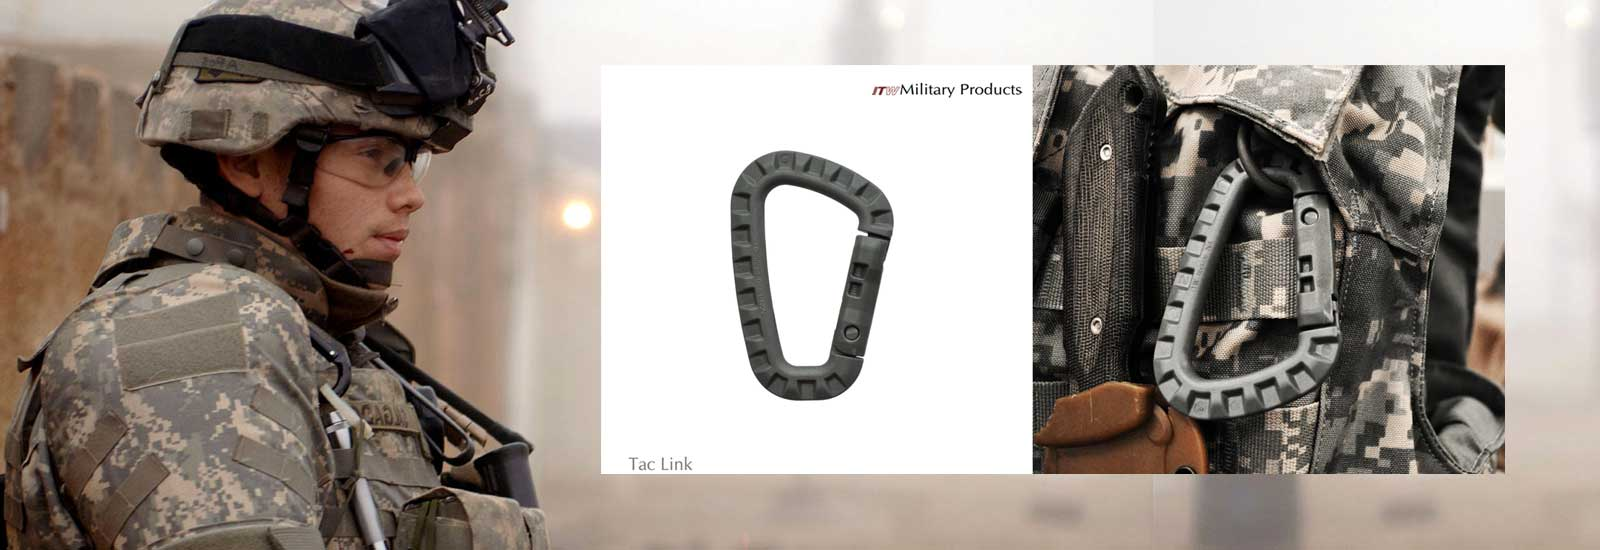 Fiibbia in plastica militare2